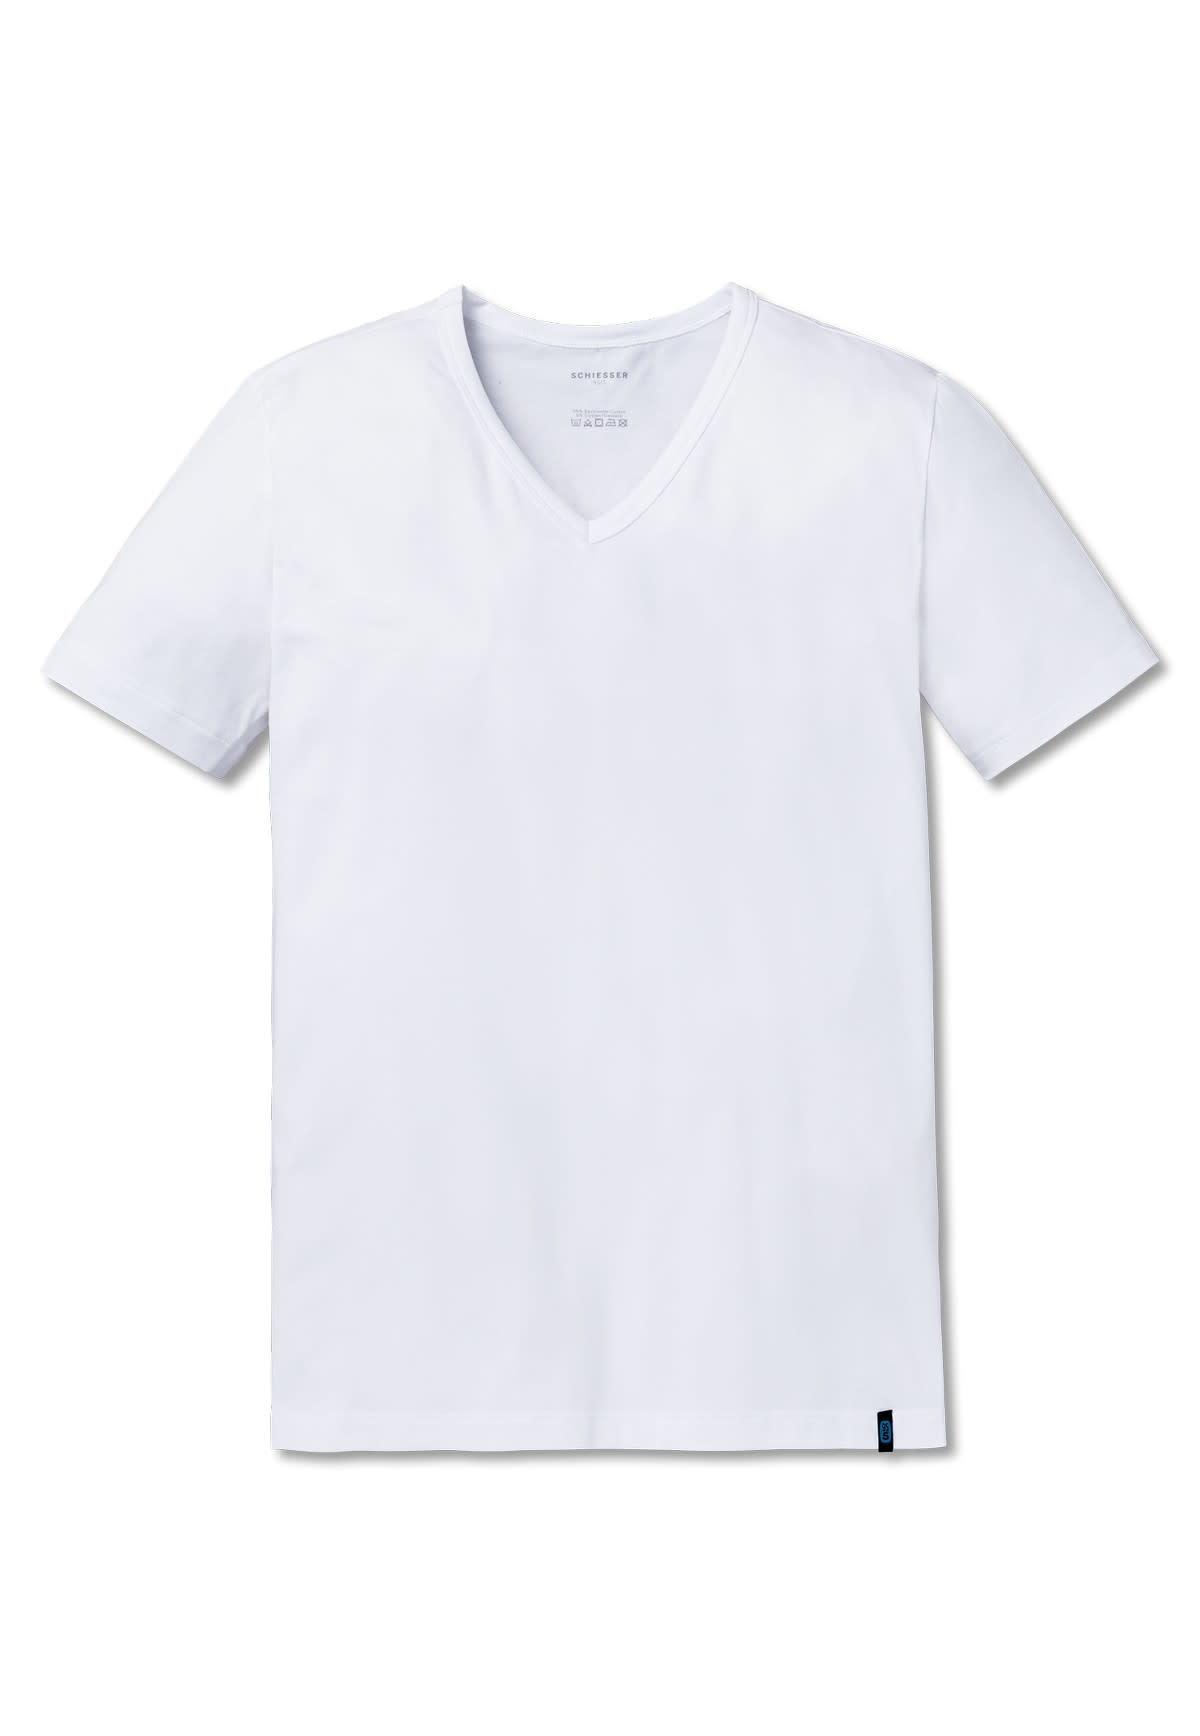 T-shirt v-hals 95/5 205429 - wit-3